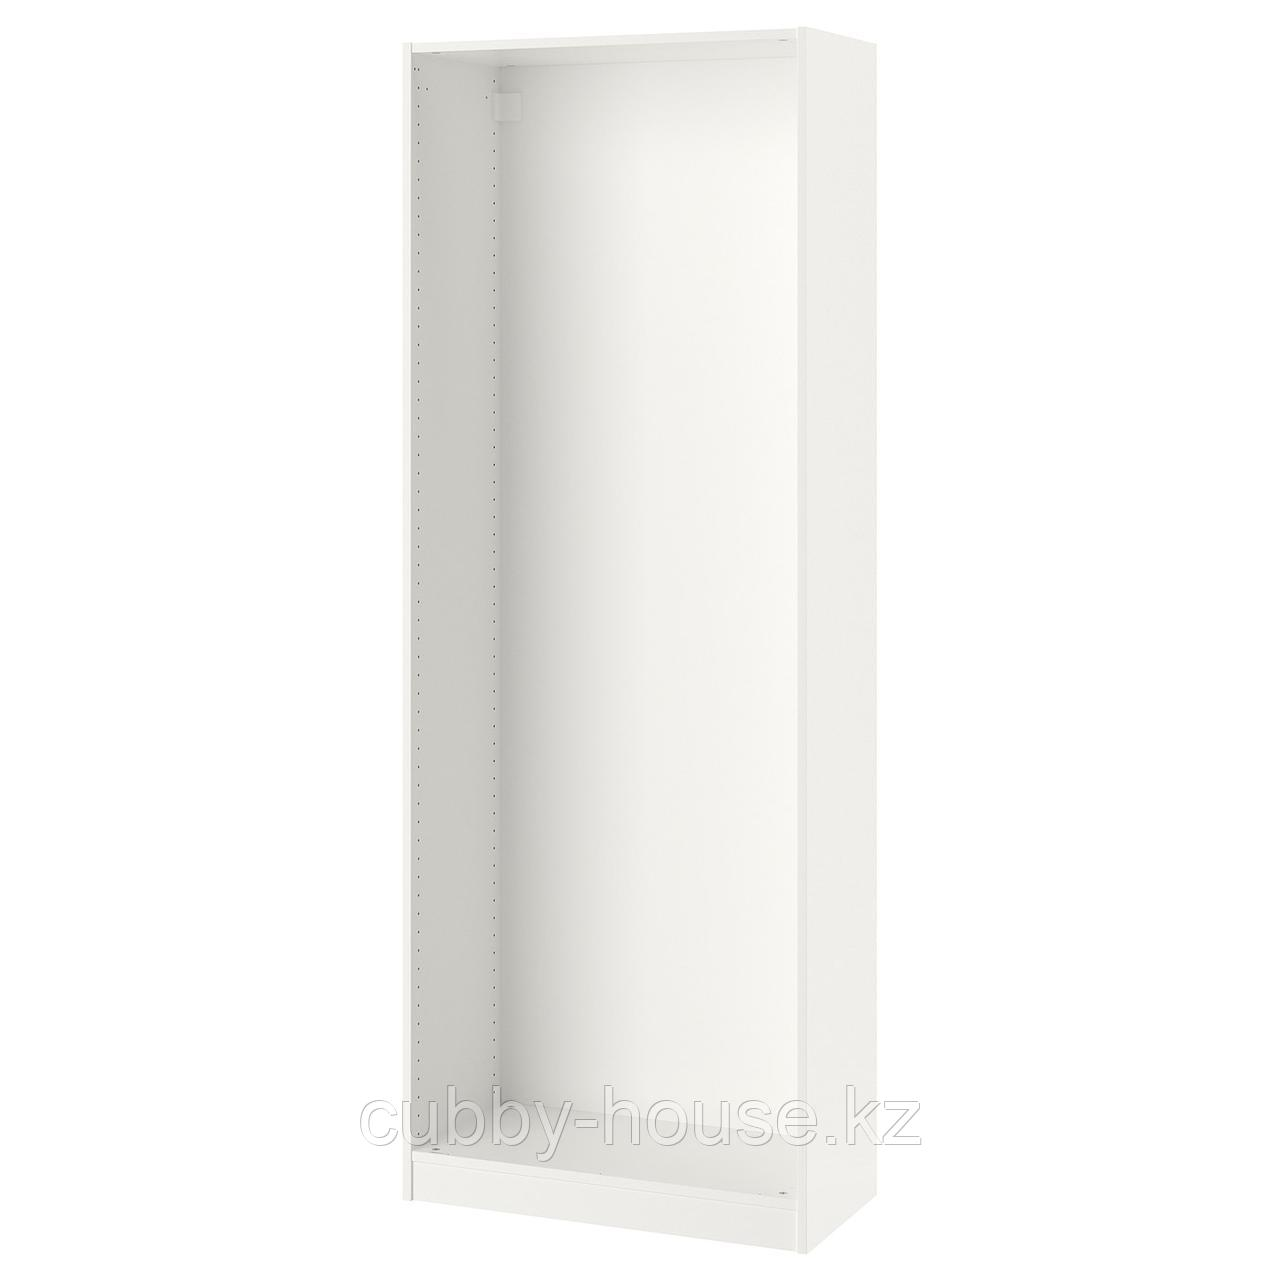 ПАКС Каркас гардероба, белый, 75x35x201 см